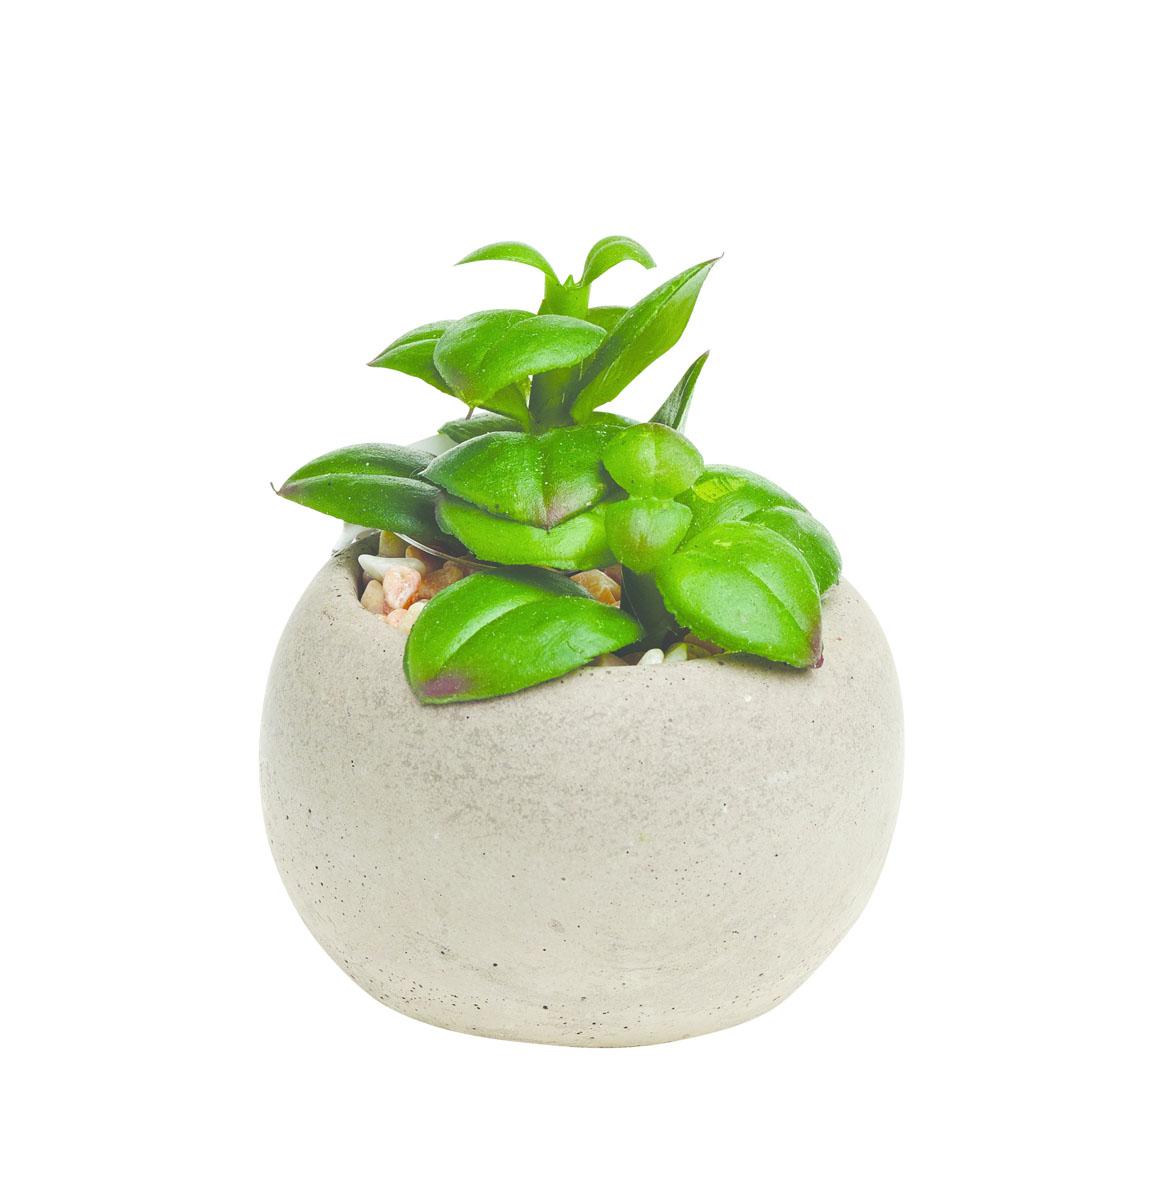 Растение суккулентное Gardman в круглом горшке, 8,5 х 6 см. 02860-202860-2